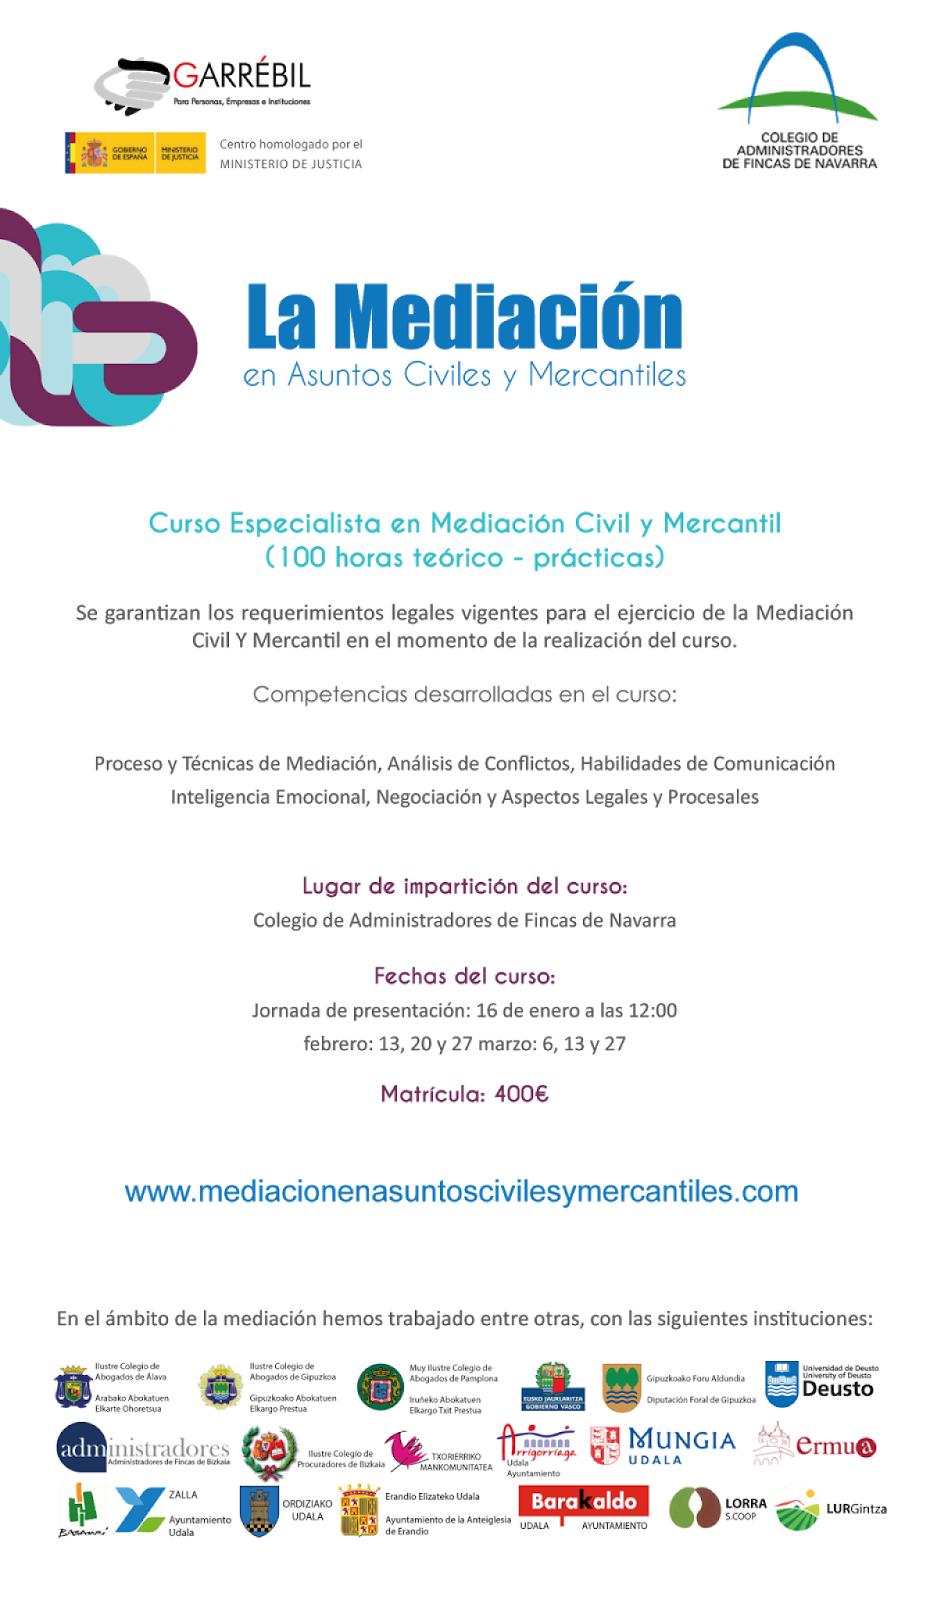 Más información del curso en: www.mediacionenasuntoscivilesymercantiles.com